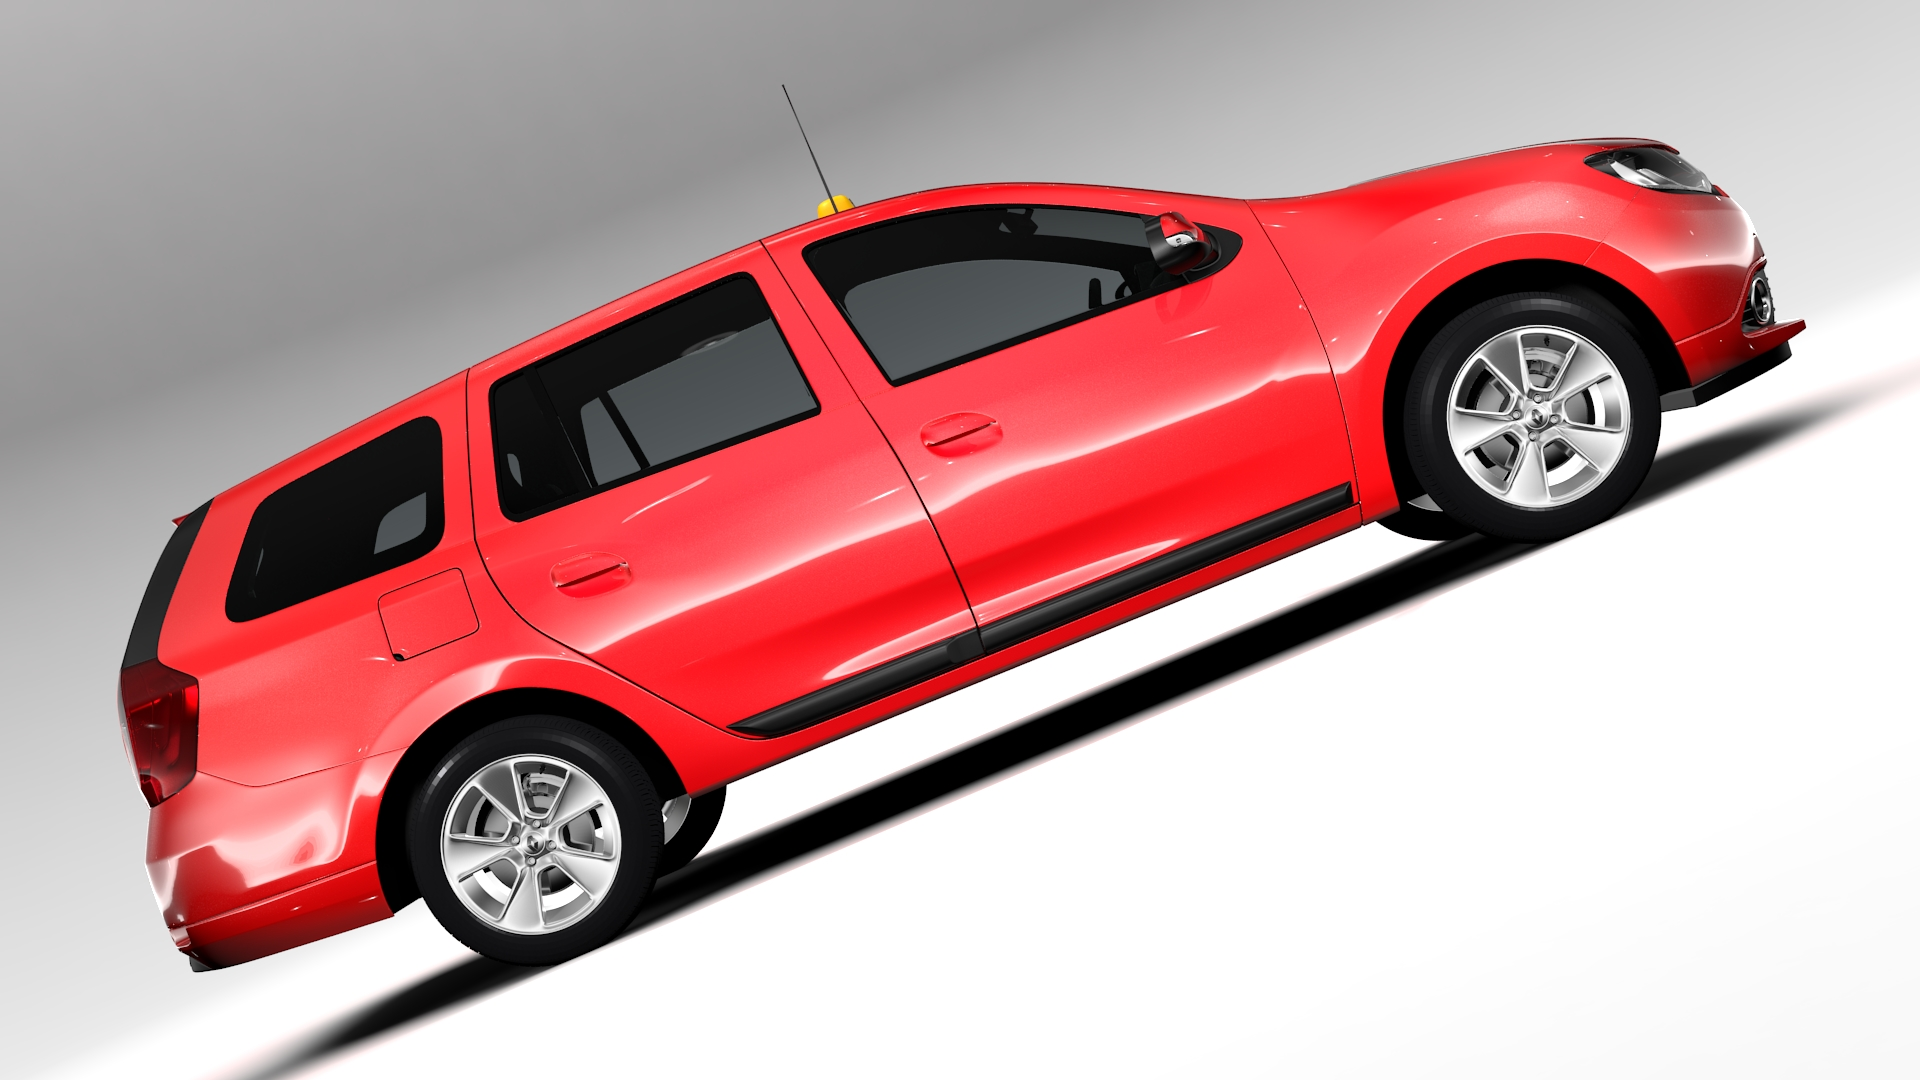 renault logan mcv taxi 2016 3d model 3ds max fbx c4d lwo ma mb hrc xsi obj 221287